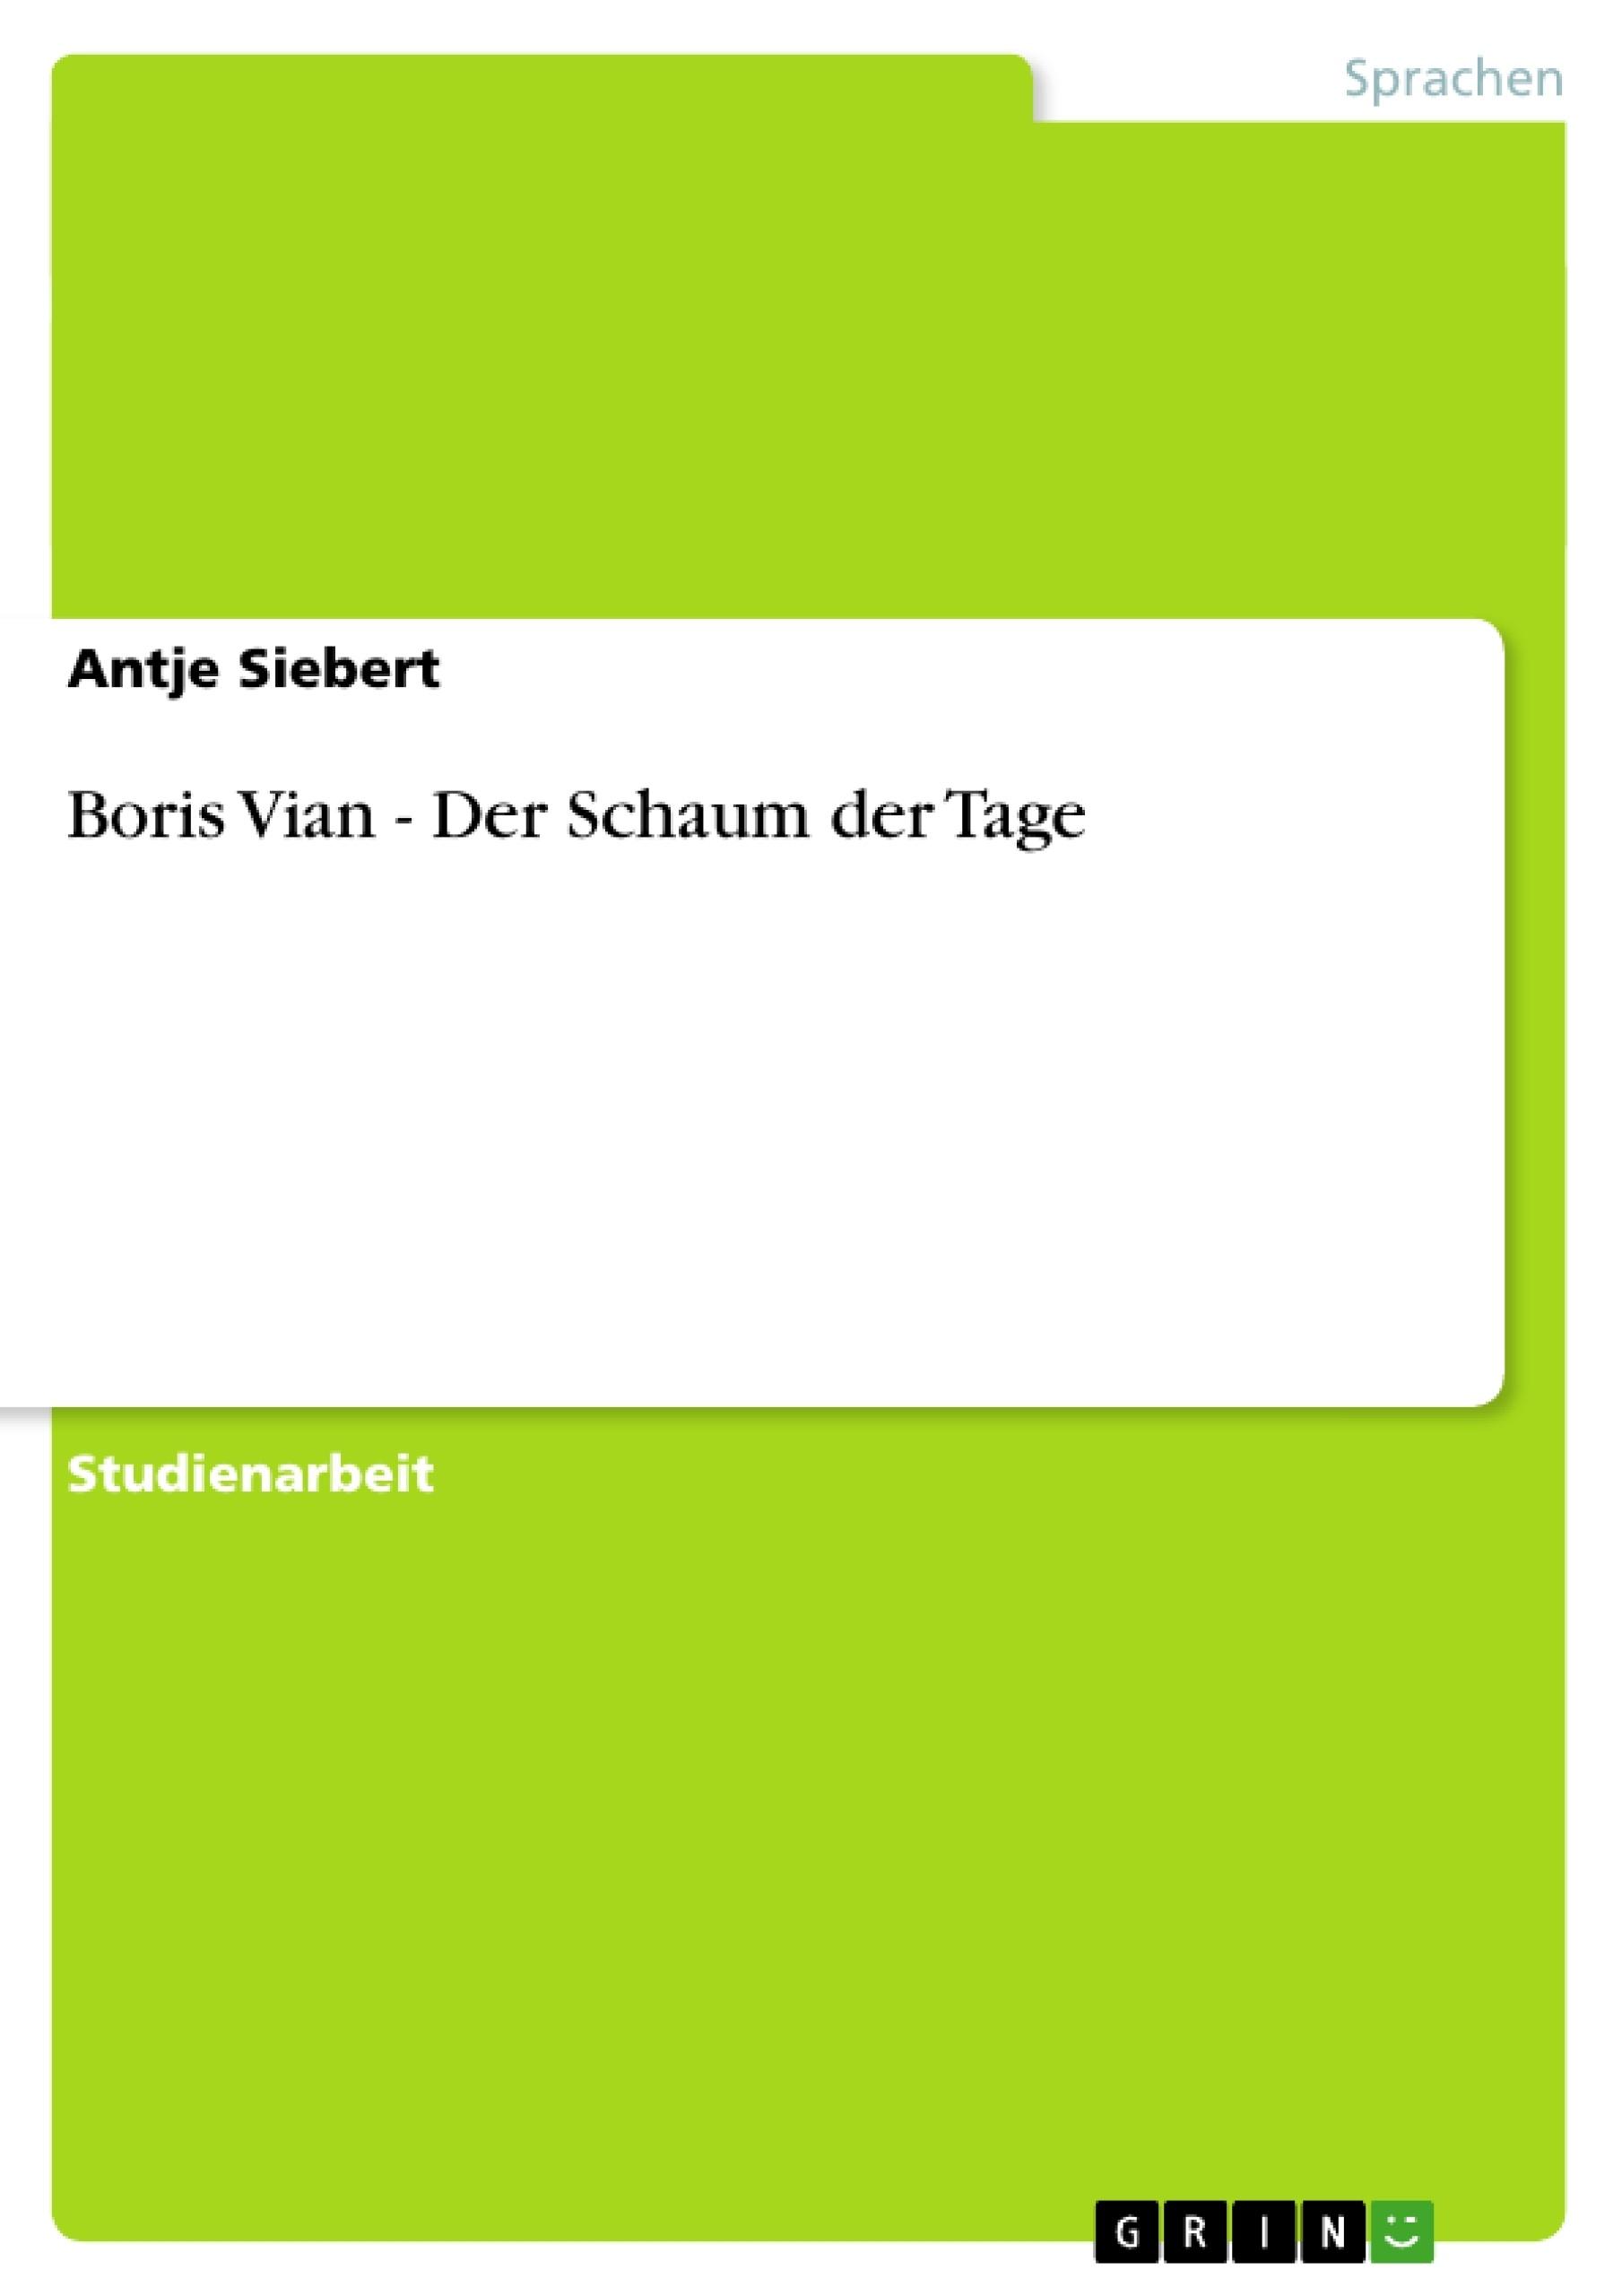 Titel: Boris Vian - Der Schaum der Tage